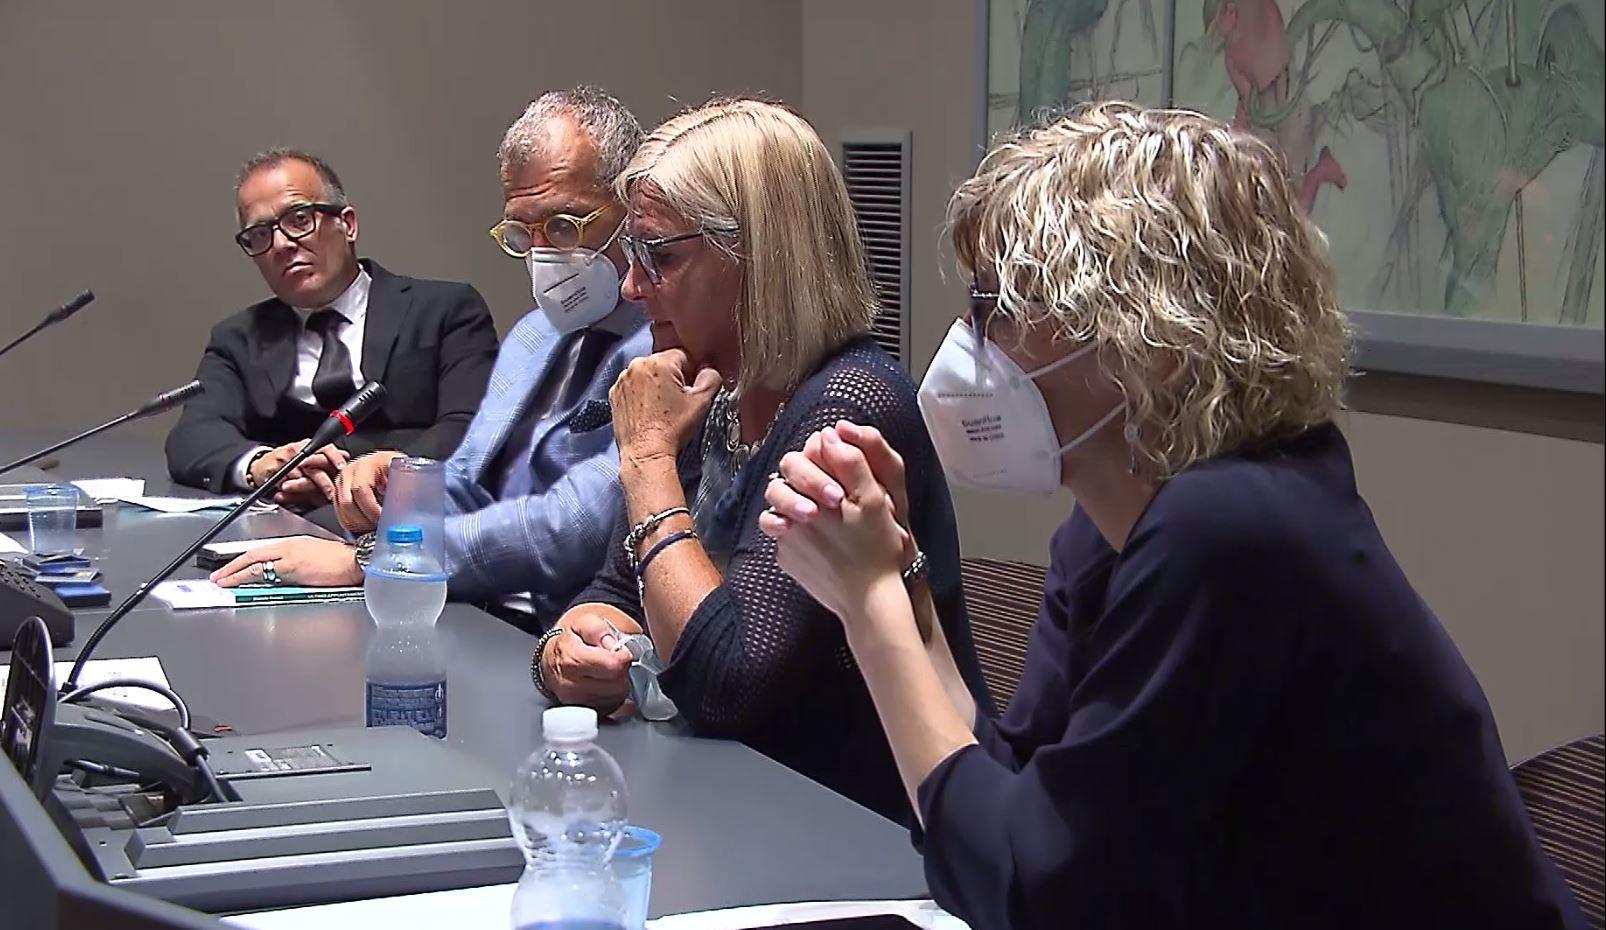 Immagine per Daniele Paroni presenta in consiglio regionale «L'ultimo appuntamento sul Tagliamento», con un ricordo anche a Gorizia